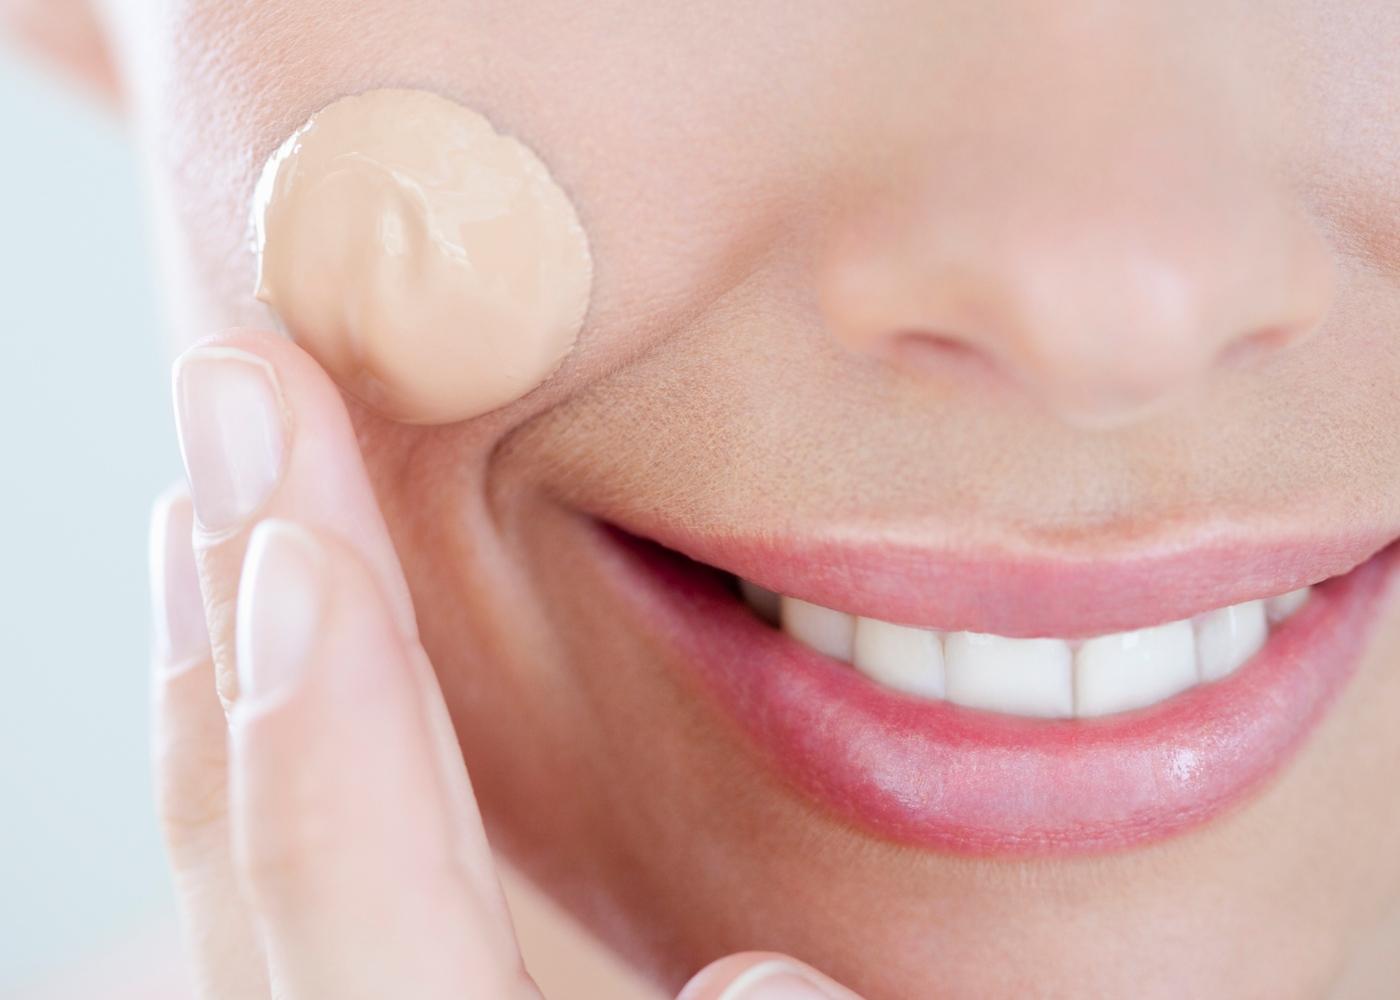 Pele oleosa: mulher a aplicar base no rosto